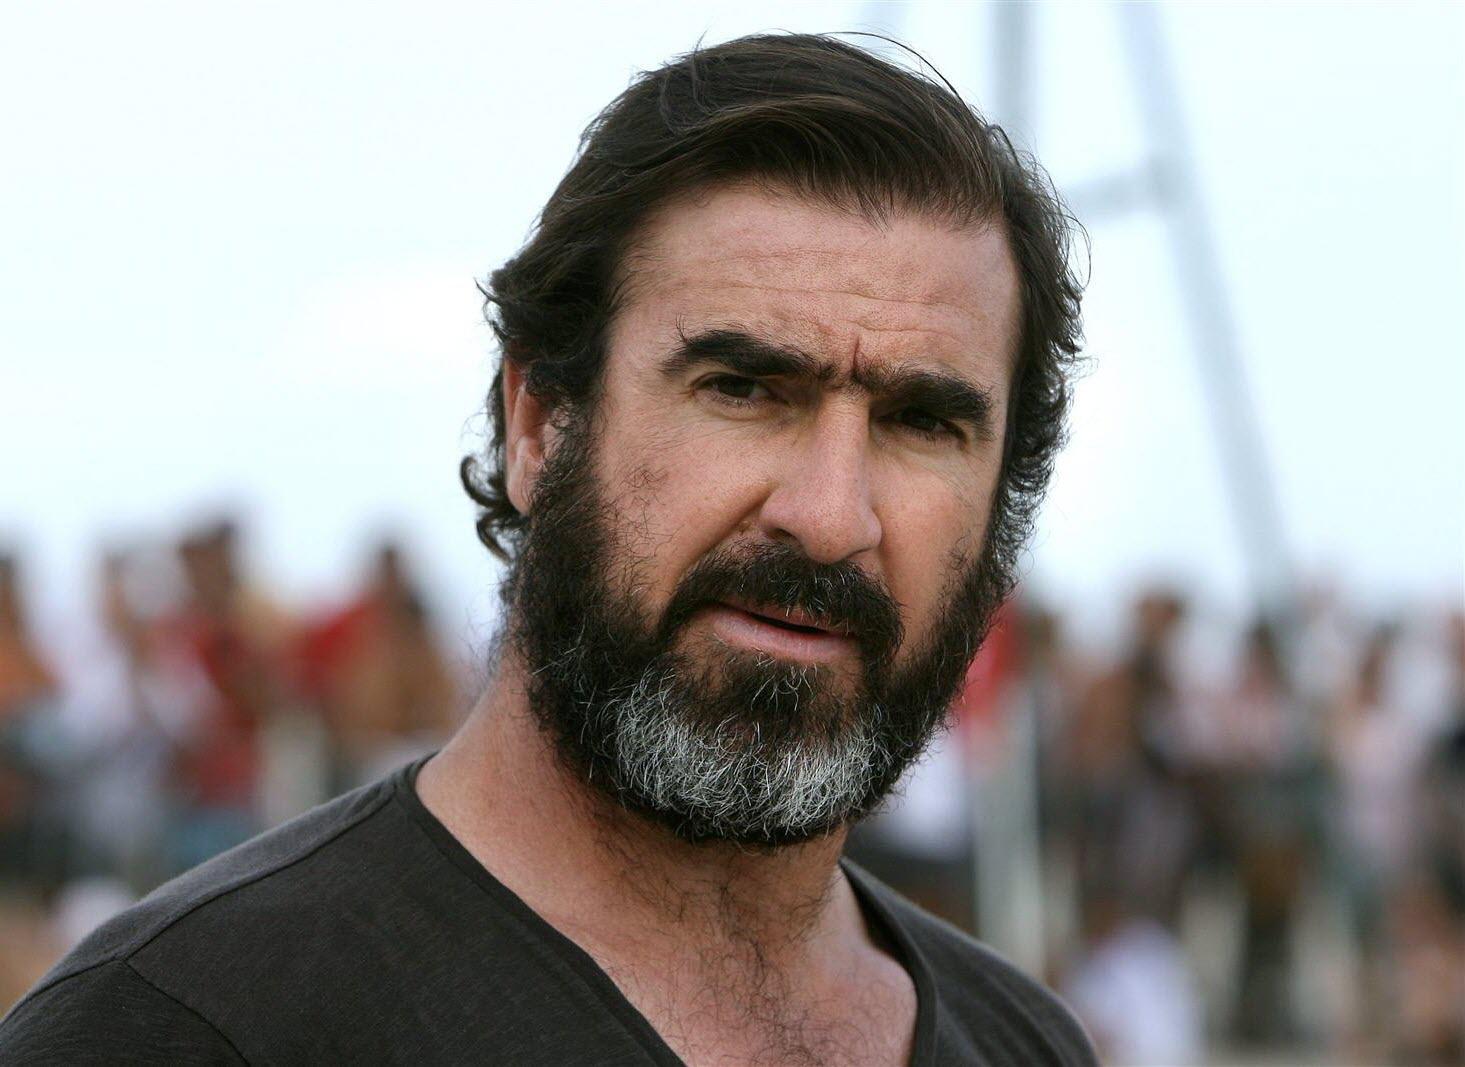 Éric daniel pierre cantona (* 24.mai 1966 in marseille) ist ein französischer schauspieler und ehemaliger fußballspieler, fußballfunktionär sowie spielertrainer in beachsoccer. ARCACHON. Eric Cantona insulte le public d'un théâtre